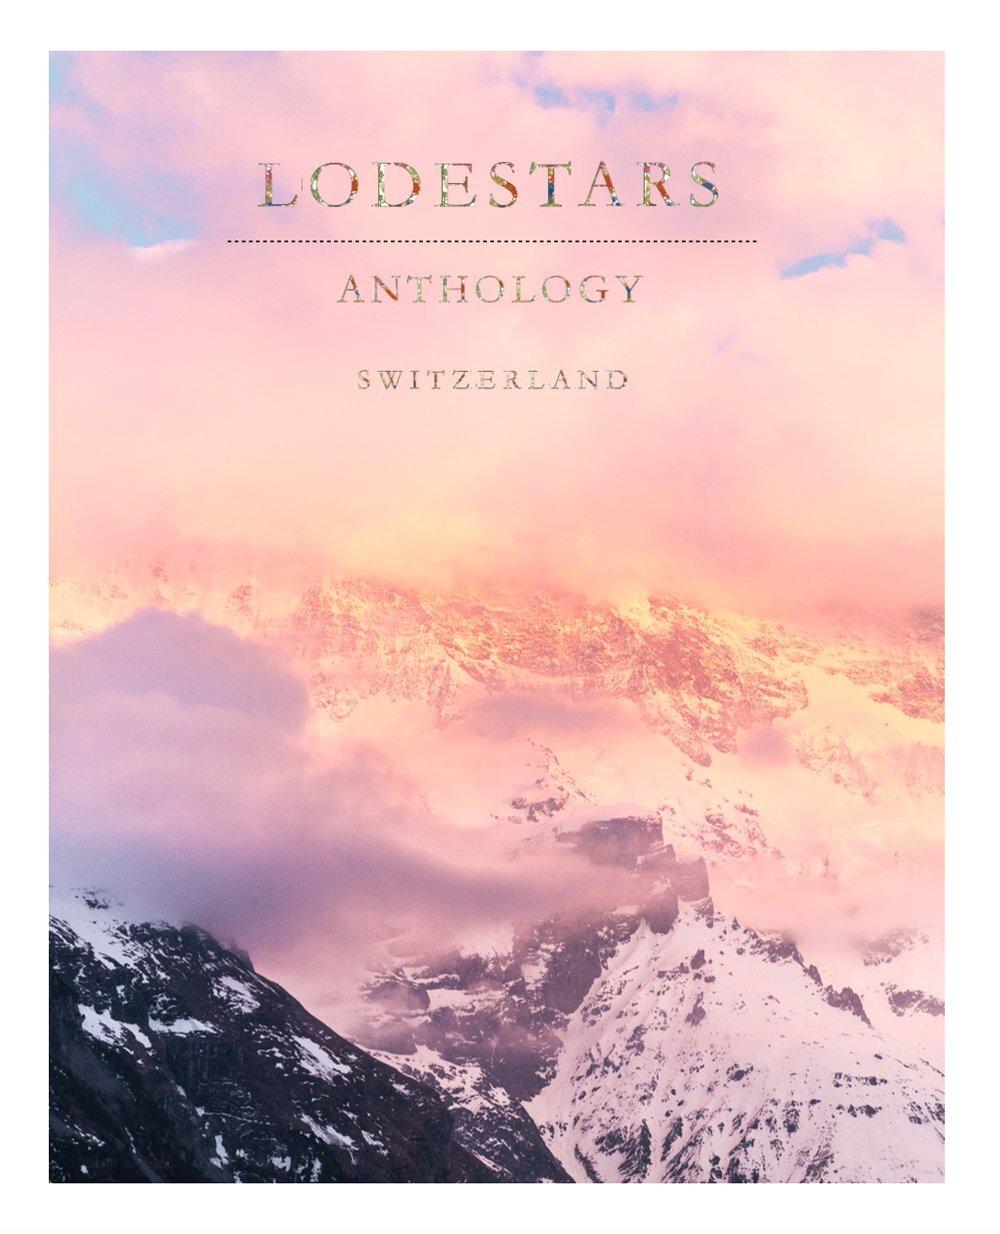 Lodestars-Switzerland.jpg